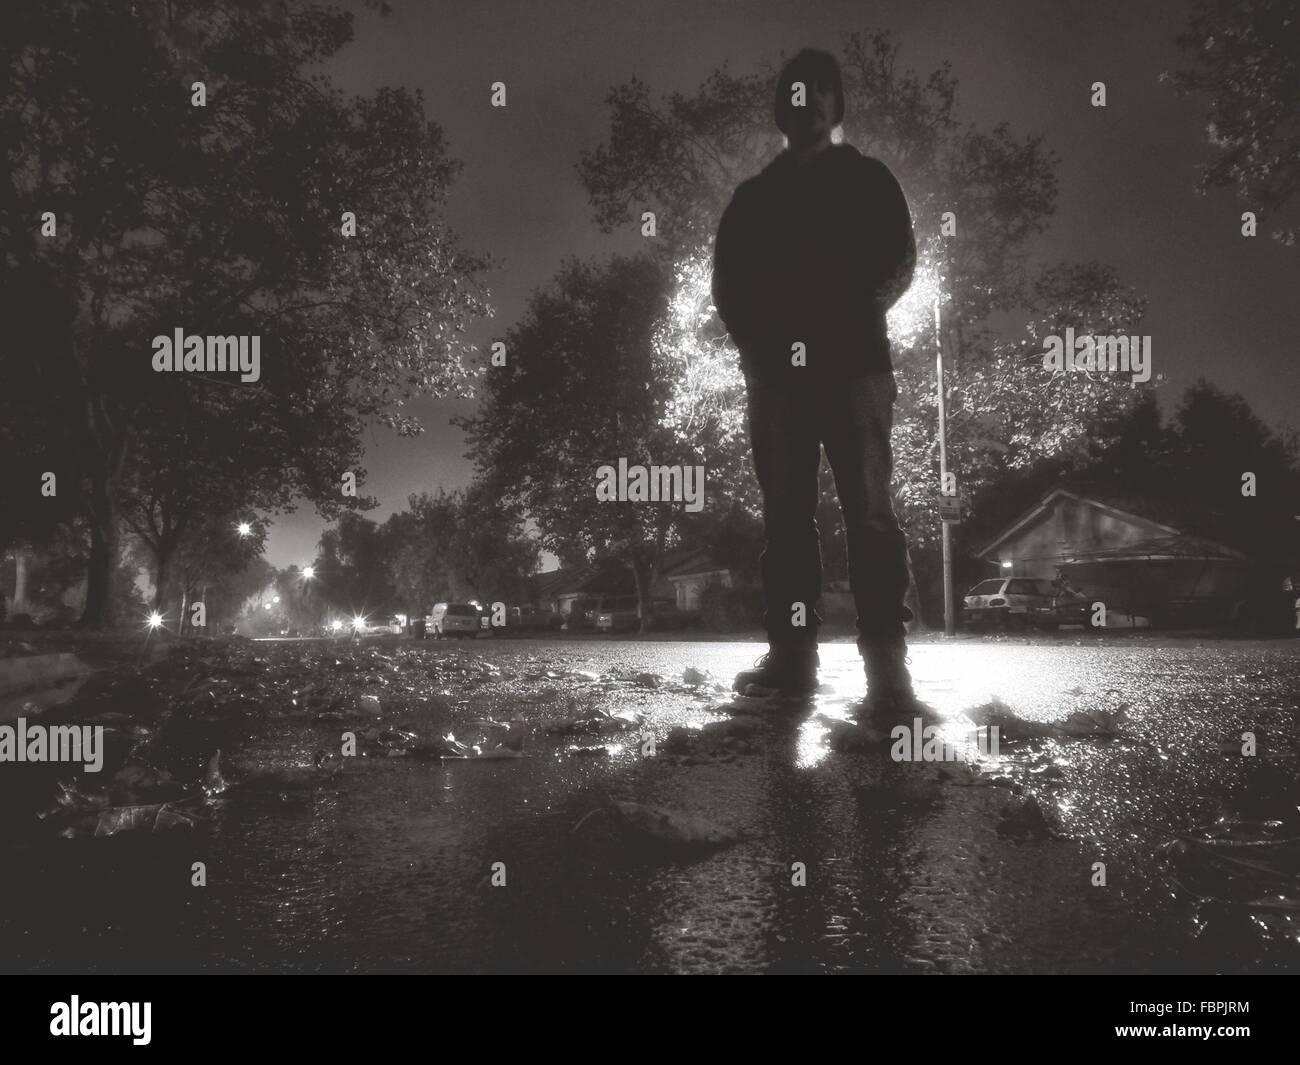 Toute la longueur de l'homme debout sur la rue Photo Stock